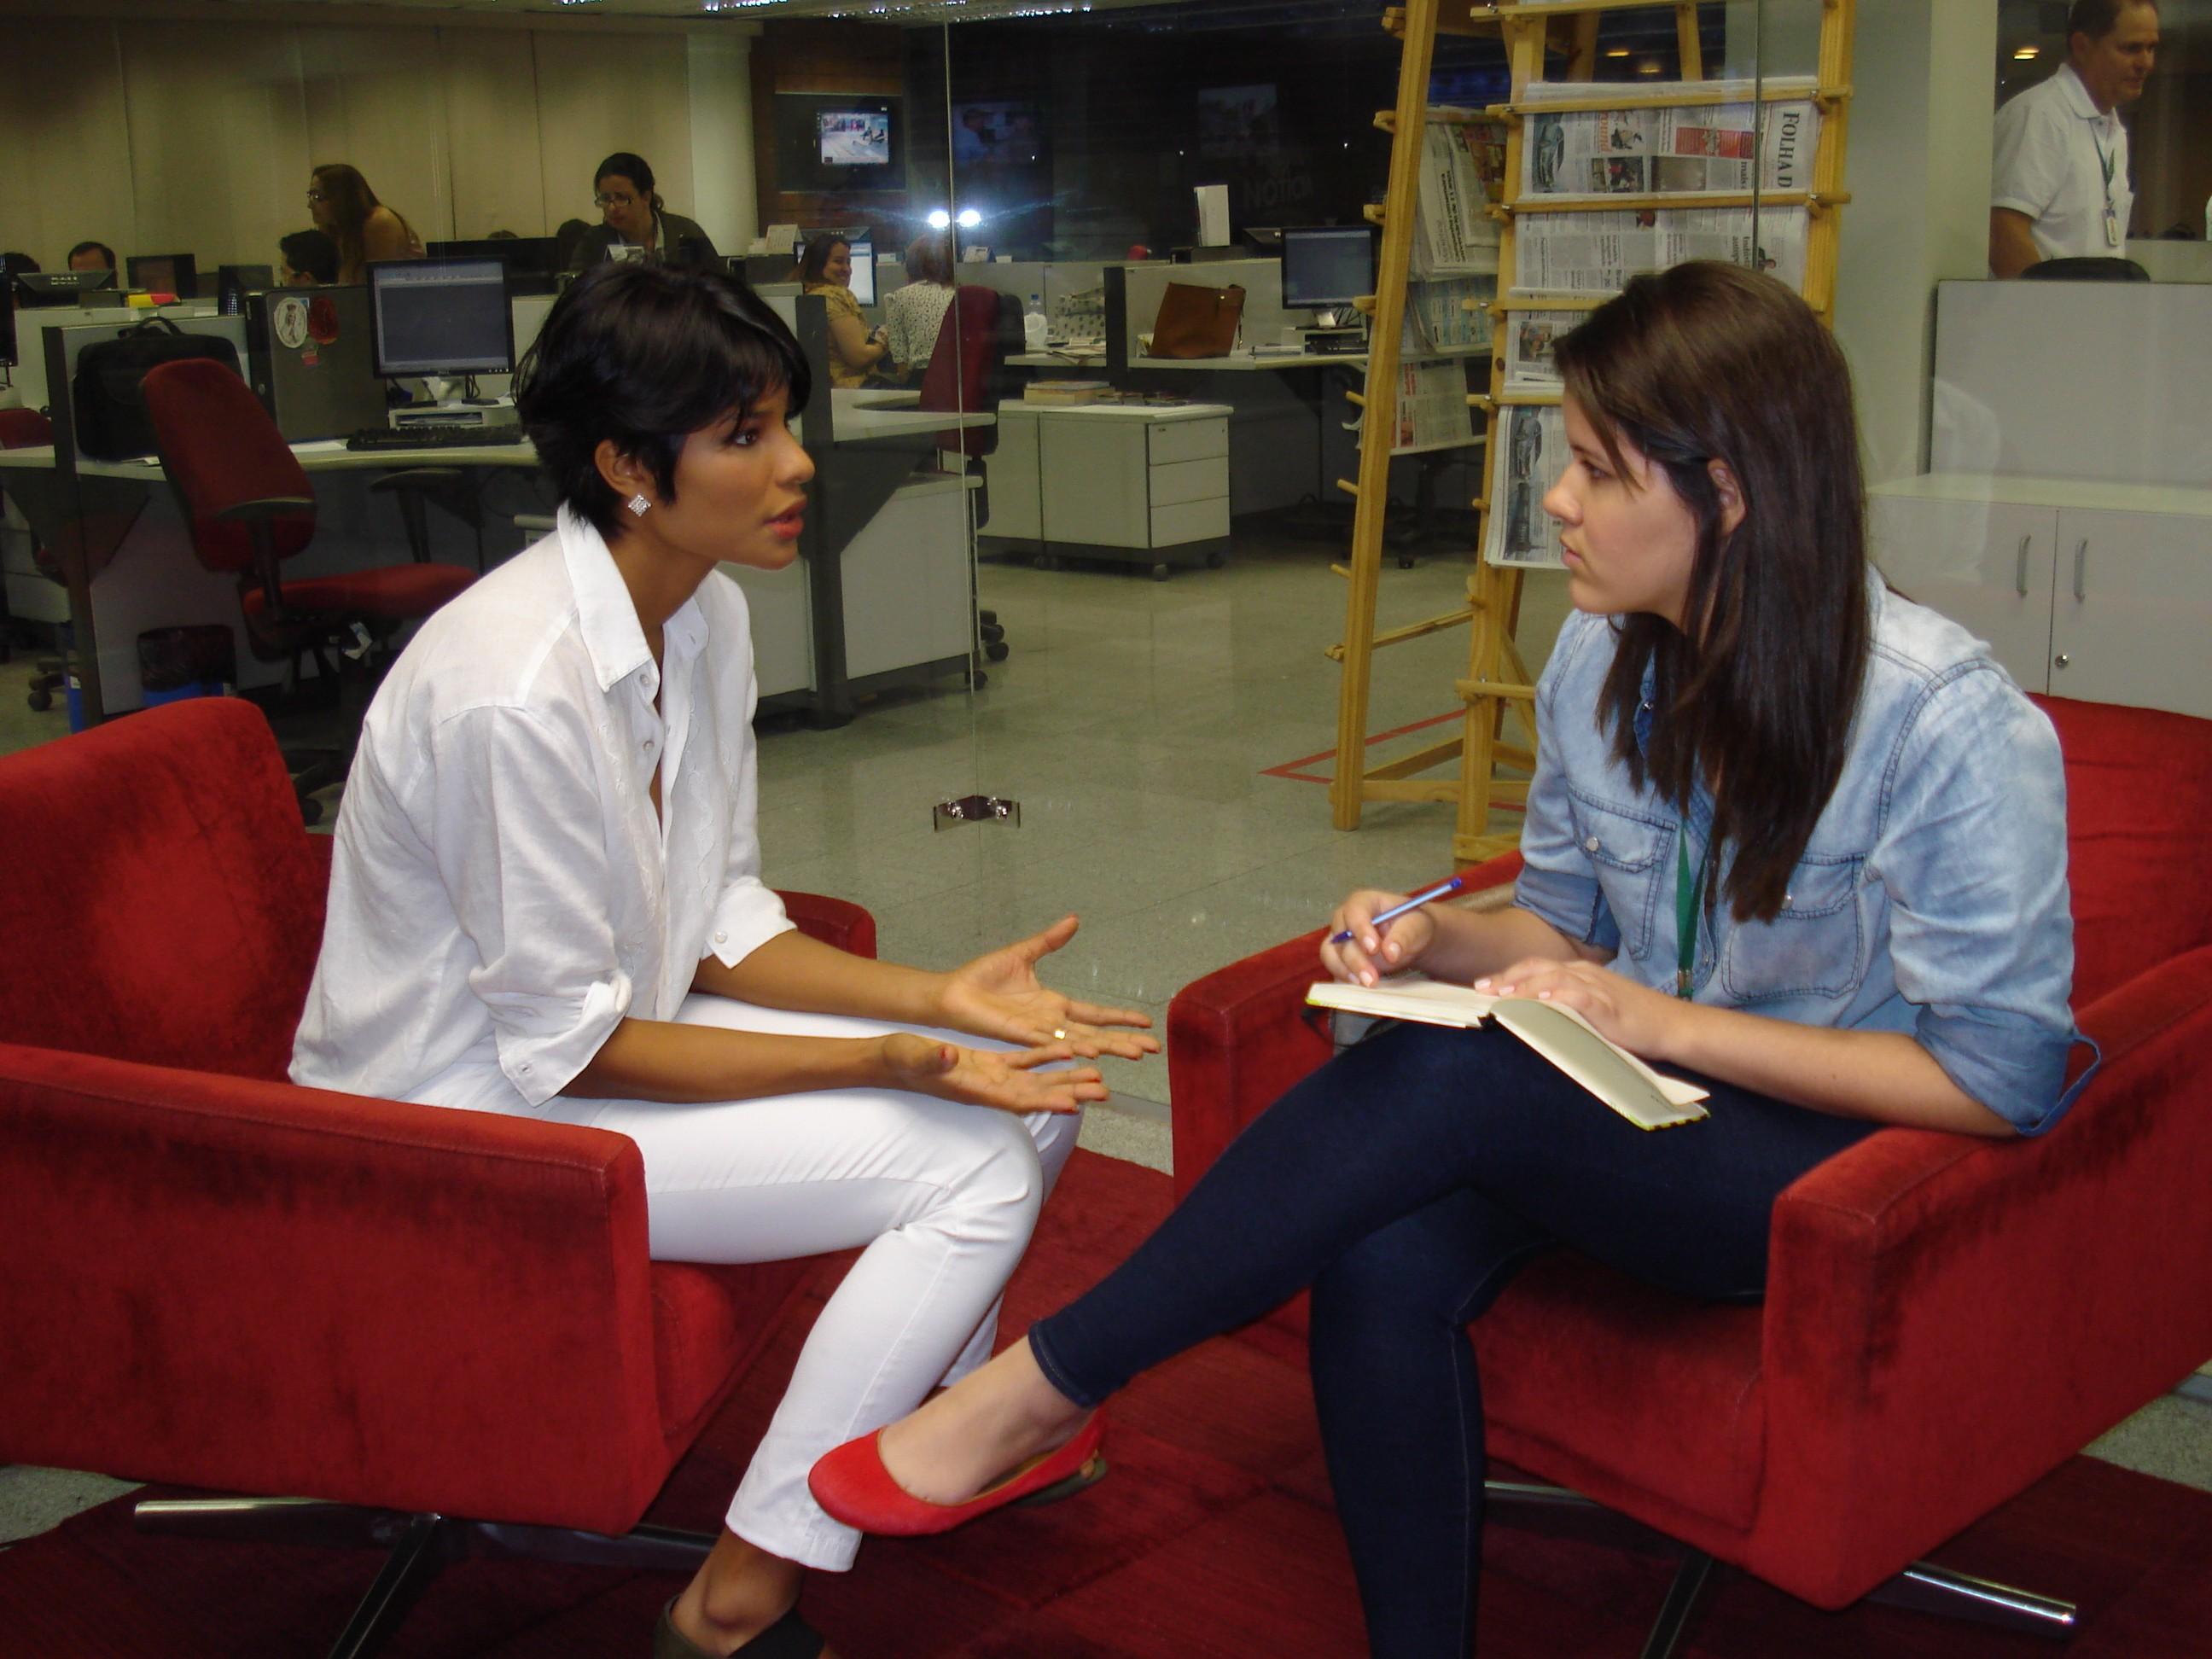 Suyane em entrevista so Diário do Nordeste (Foto: Alyne Cardoso)